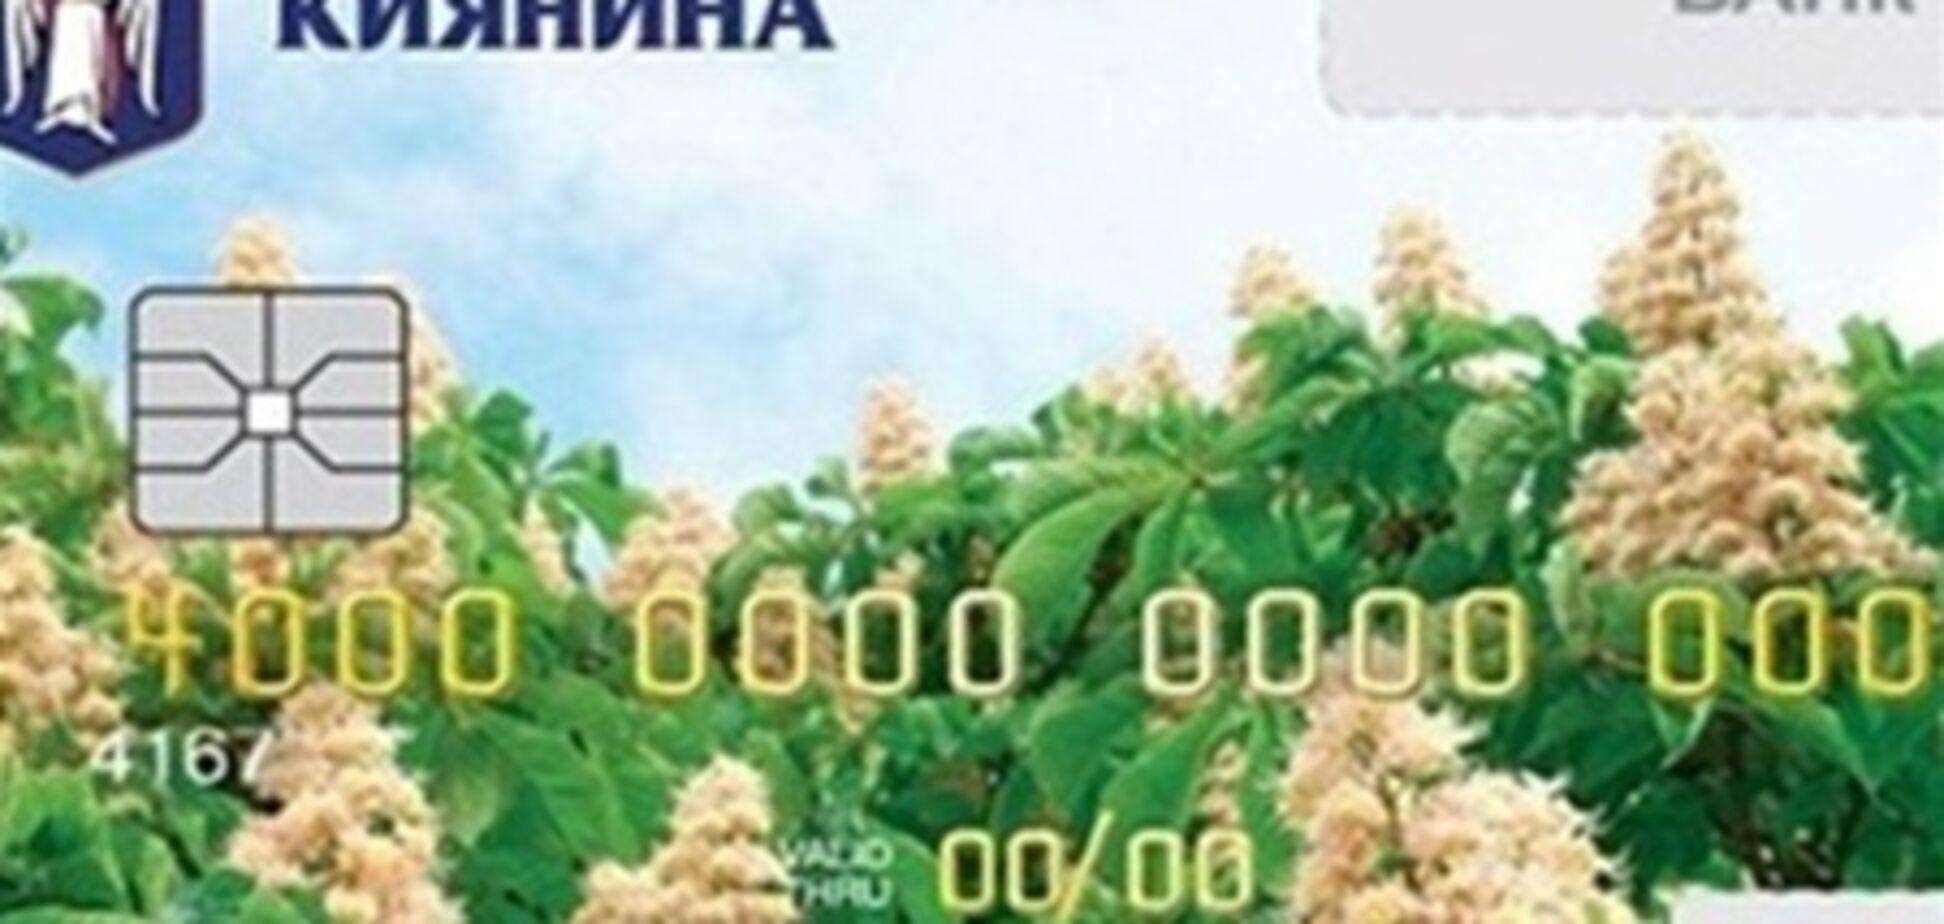 'Карточки киевлянина' уже выдают пенсионерам-инвалидам